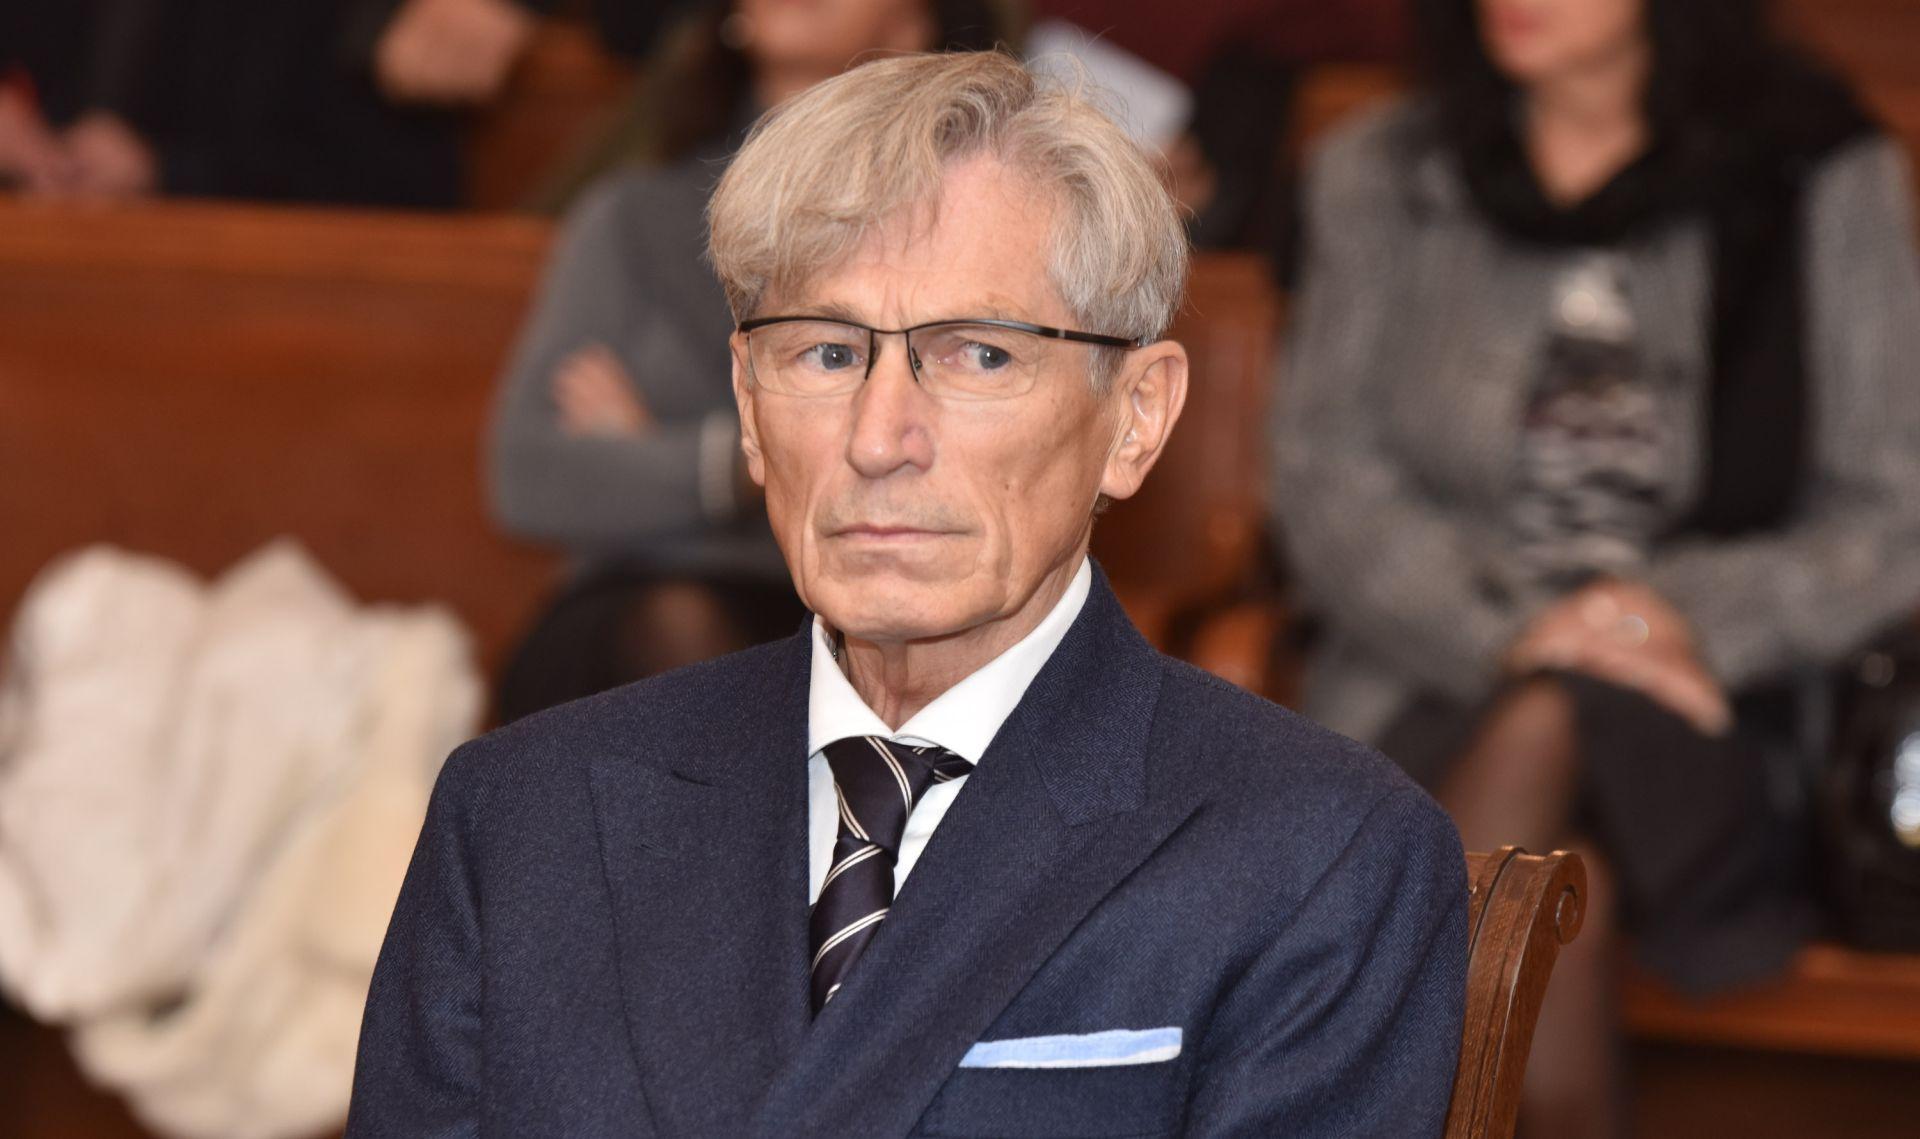 Ukinuta oslobađajuća presuda Horvatinčiću